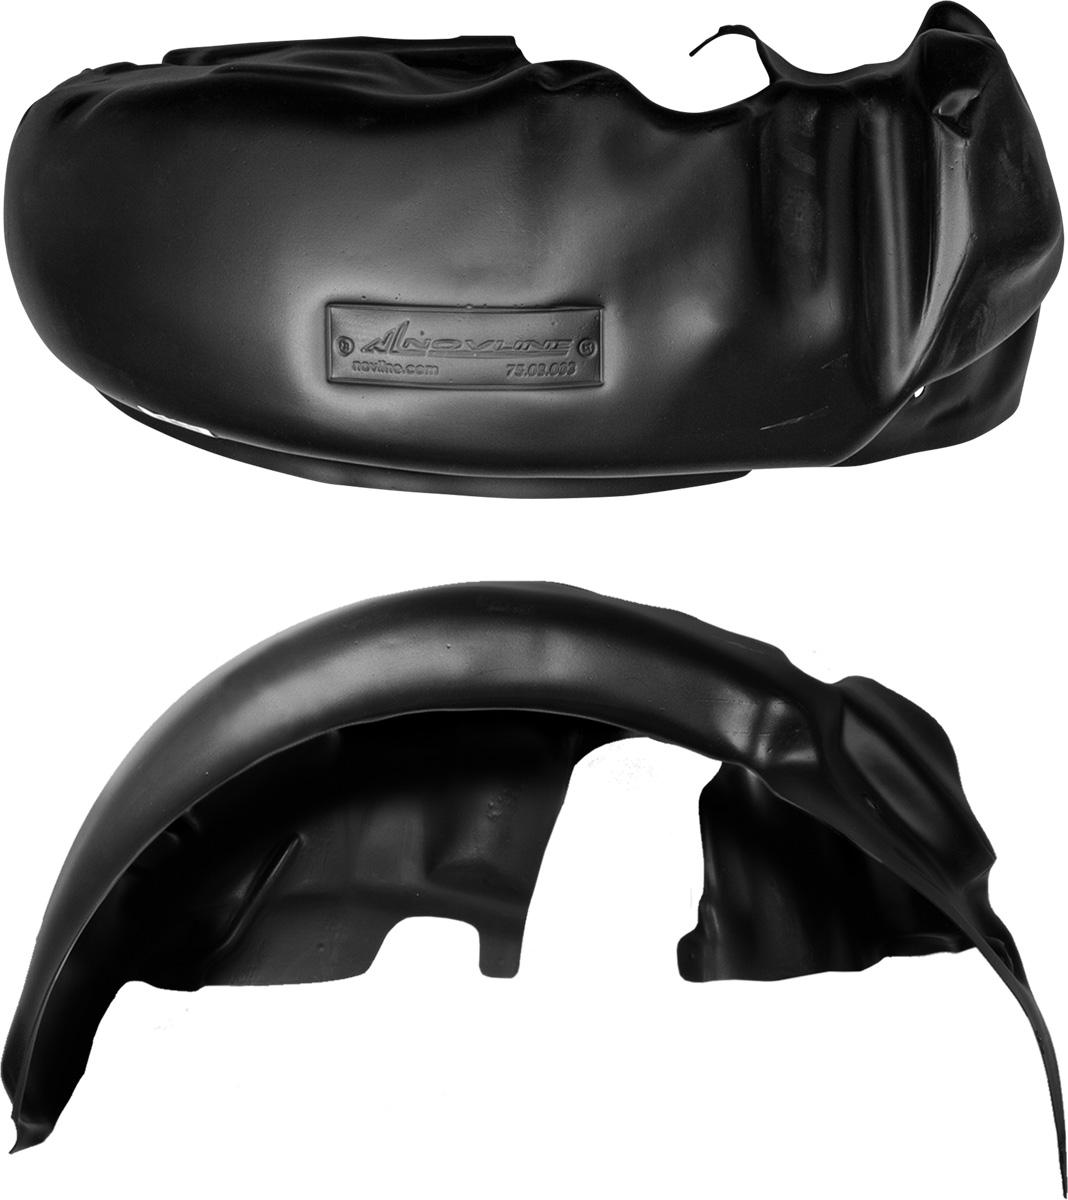 Подкрылок Novline-Autofamily, для Nissan X-Trail, T32, 2015->, задний правыйDAVC150Колесные ниши - одни из самых уязвимых зон днища вашего автомобиля. Они постоянно подвергаются воздействию со стороны дороги. Лучшая, почти абсолютная защита для них - специально отформованные пластиковые кожухи, которые называются подкрылками. Производятся они как для отечественных моделей автомобилей, так и для иномарок. Подкрылки Novline-Autofamily выполнены из высококачественного, экологически чистого пластика. Обеспечивают надежную защиту кузова автомобиля от пескоструйного эффекта и негативного влияния, агрессивных антигололедных реагентов. Пластик обладает более низкой теплопроводностью, чем металл, поэтому в зимний период эксплуатации использование пластиковых подкрылков позволяет лучше защитить колесные ниши от налипания снега и образования наледи. Оригинальность конструкции подчеркивает элегантность автомобиля, бережно защищает нанесенное на днище кузова антикоррозийное покрытие и позволяет осуществить крепление подкрылков внутри колесной арки практически без дополнительного крепежа и сверления, не нарушая при этом лакокрасочного покрытия, что предотвращает возникновение новых очагов коррозии. Подкрылки долговечны, обладают высокой прочностью и сохраняют заданную форму, а также все свои физико-механические характеристики в самых тяжелых климатических условиях (от -50°С до +50°С).Уважаемые клиенты!Обращаем ваше внимание, на тот факт, что подкрылок имеет форму, соответствующую модели данного автомобиля. Фото служит для визуального восприятия товара.